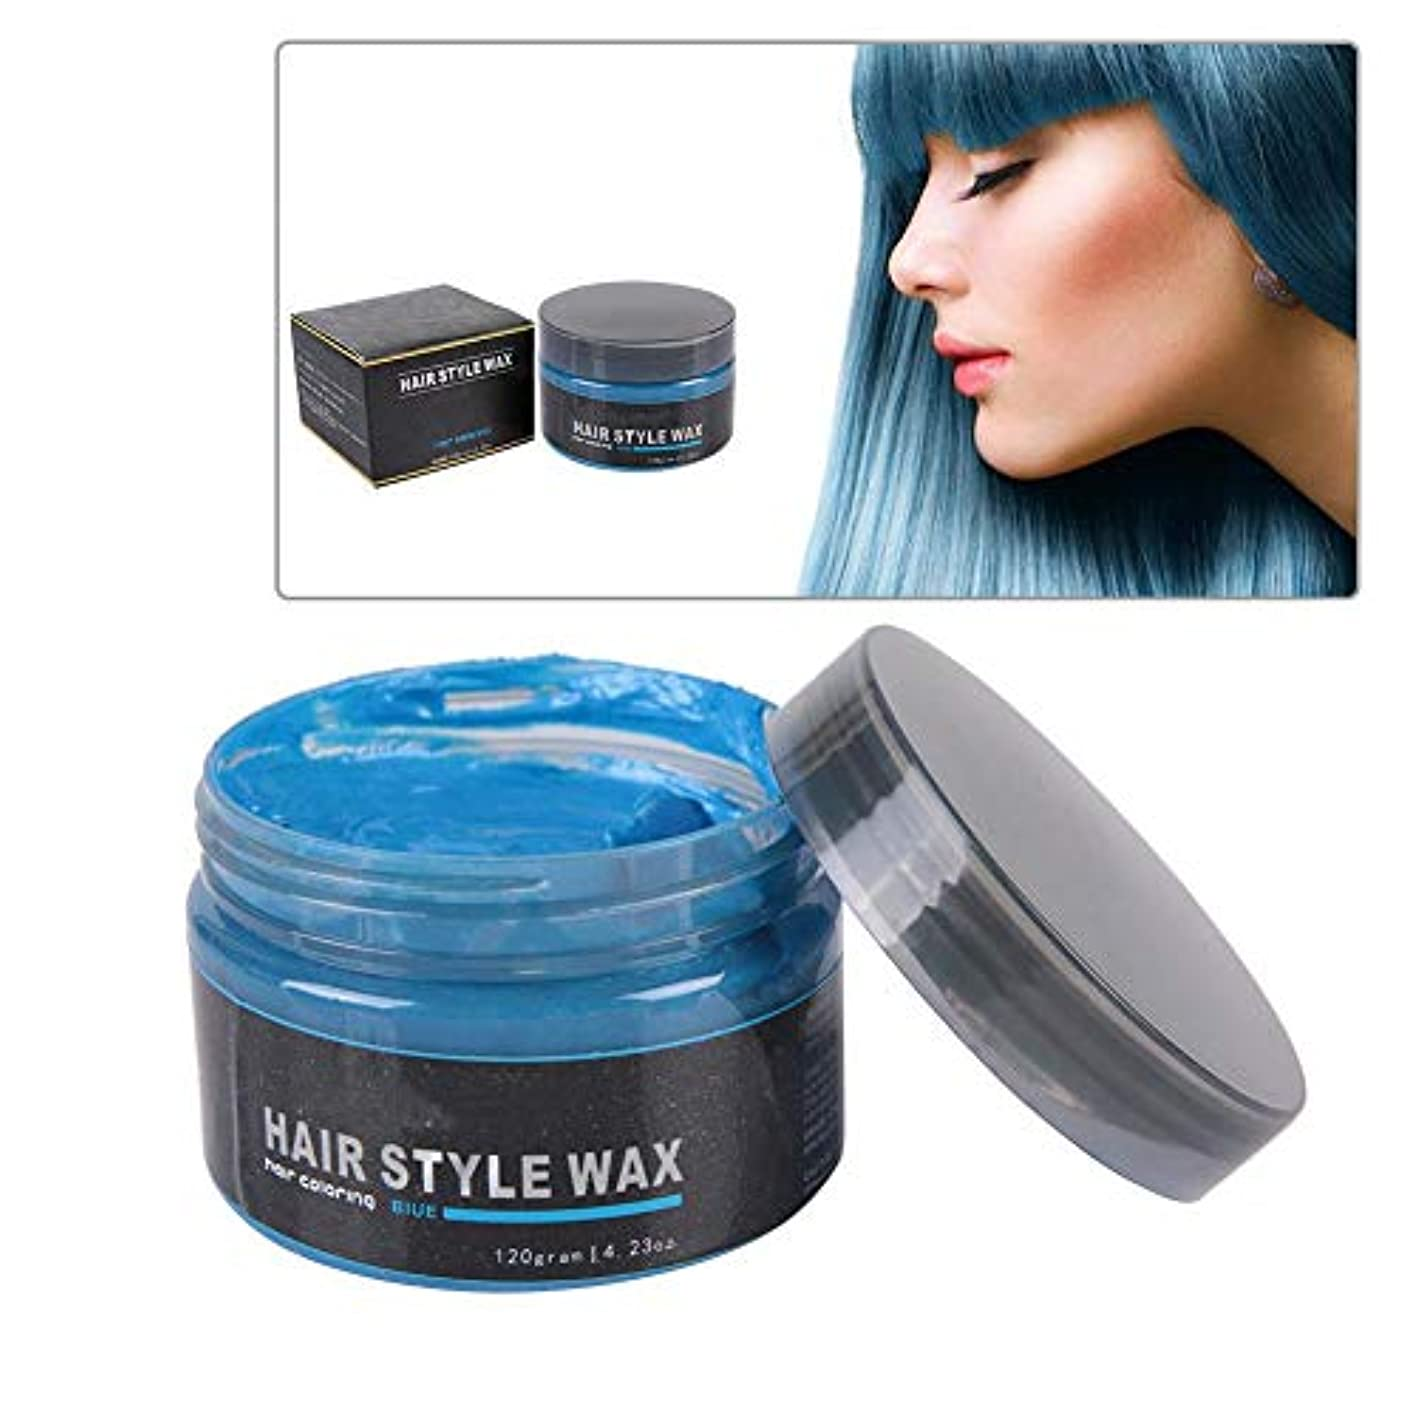 キャンプアプライアンスイソギンチャク使い捨ての新しいヘアカラーワックス、染毛剤の着色泥のヘアスタイルモデリングクリーム120グラム(ブルー)